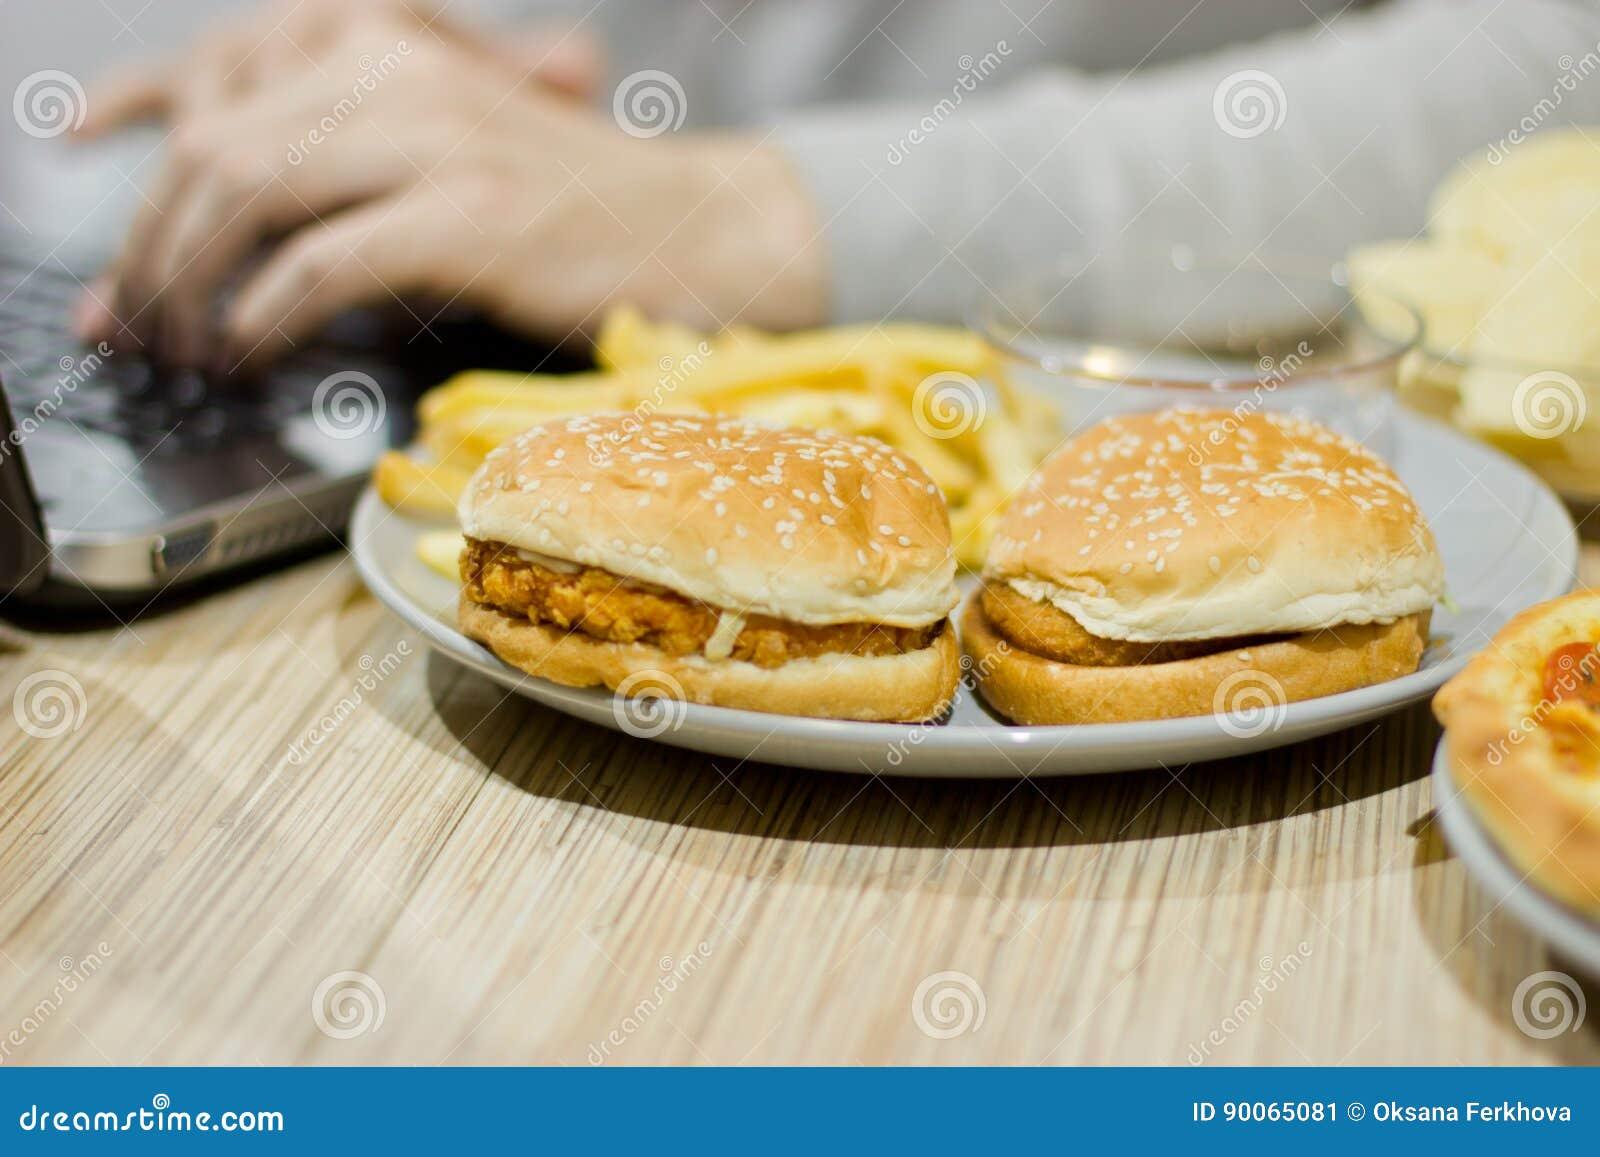 Un hombre trabaja en un ordenador y come los alimentos de preparación rápida comida malsana: BU